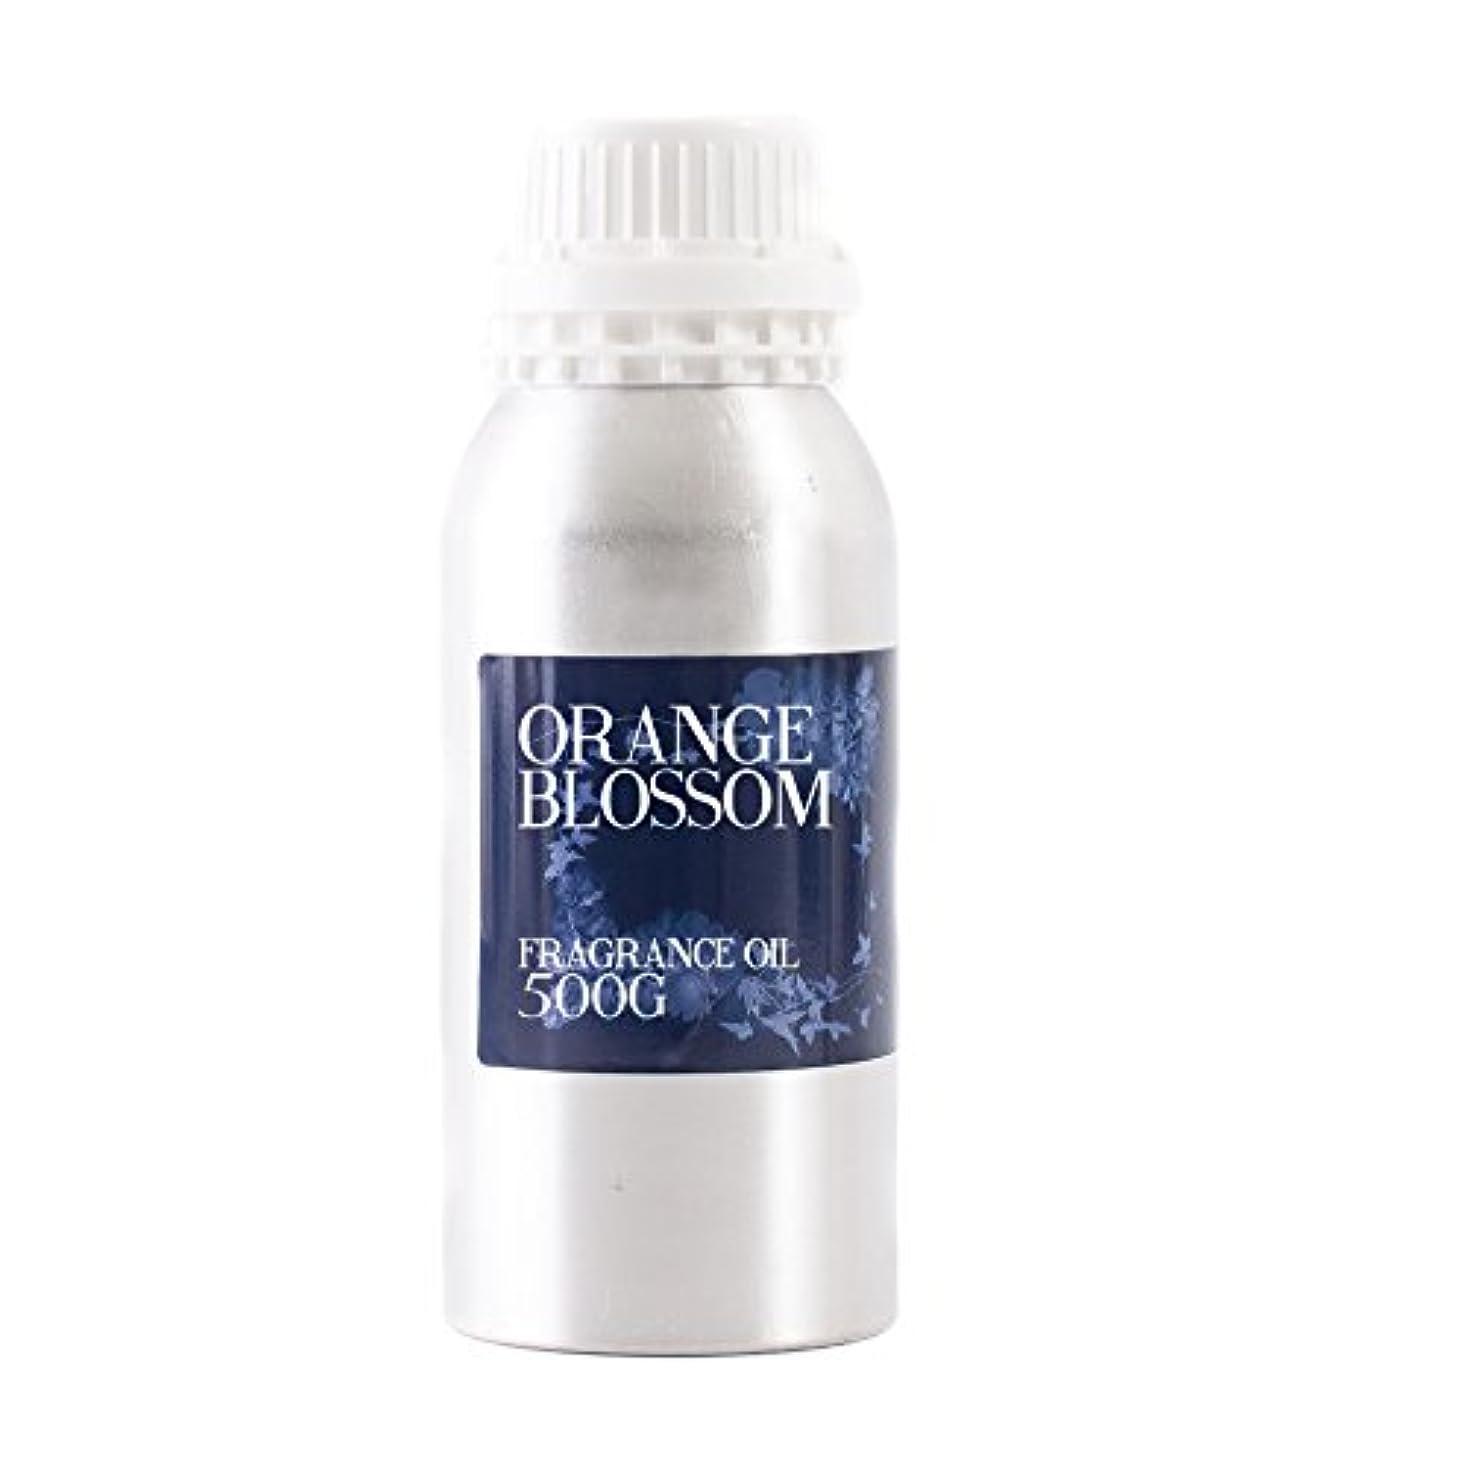 準備ができて金属論争Mystic Moments | Orange Blossom Fragrance Oil - 500g